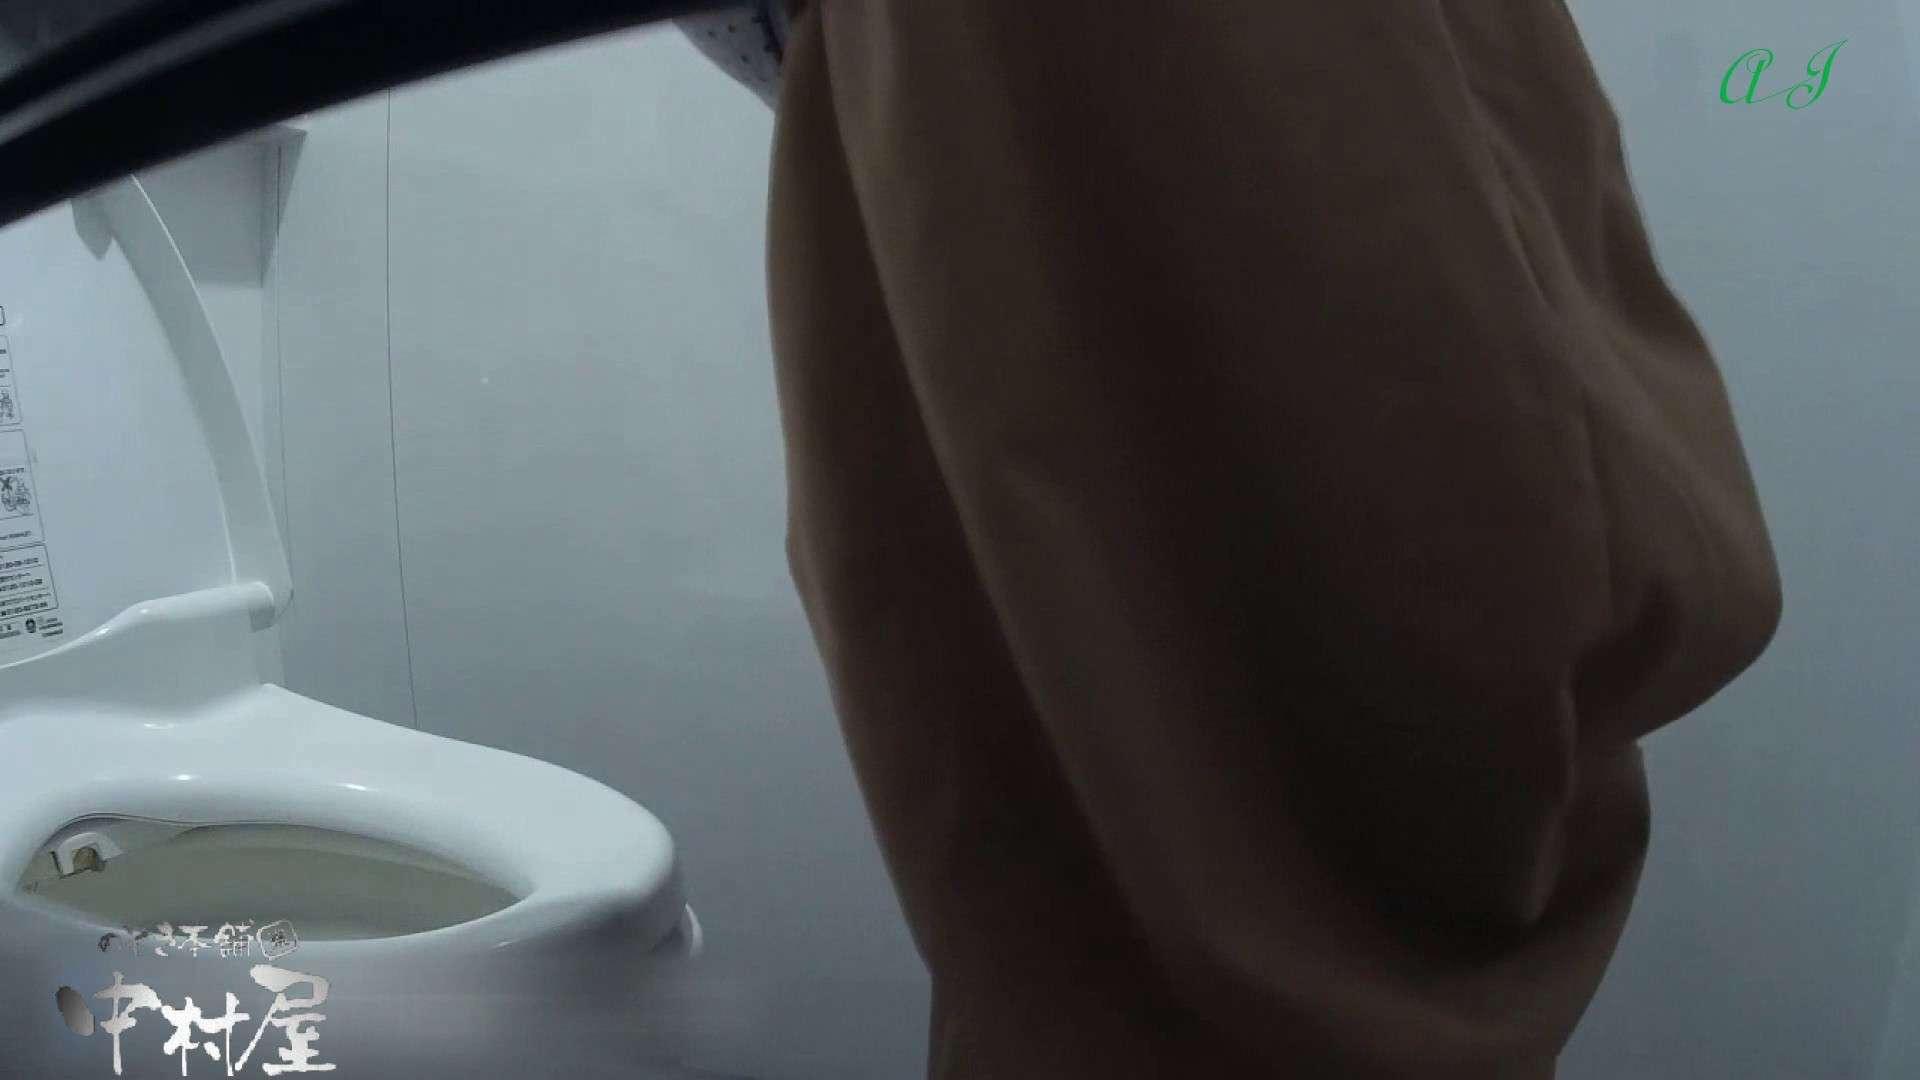 有名大学女性洗面所 vol.79 新アングル丸見え 前編 OLすけべ画像 のぞき動画画像 81連発 72